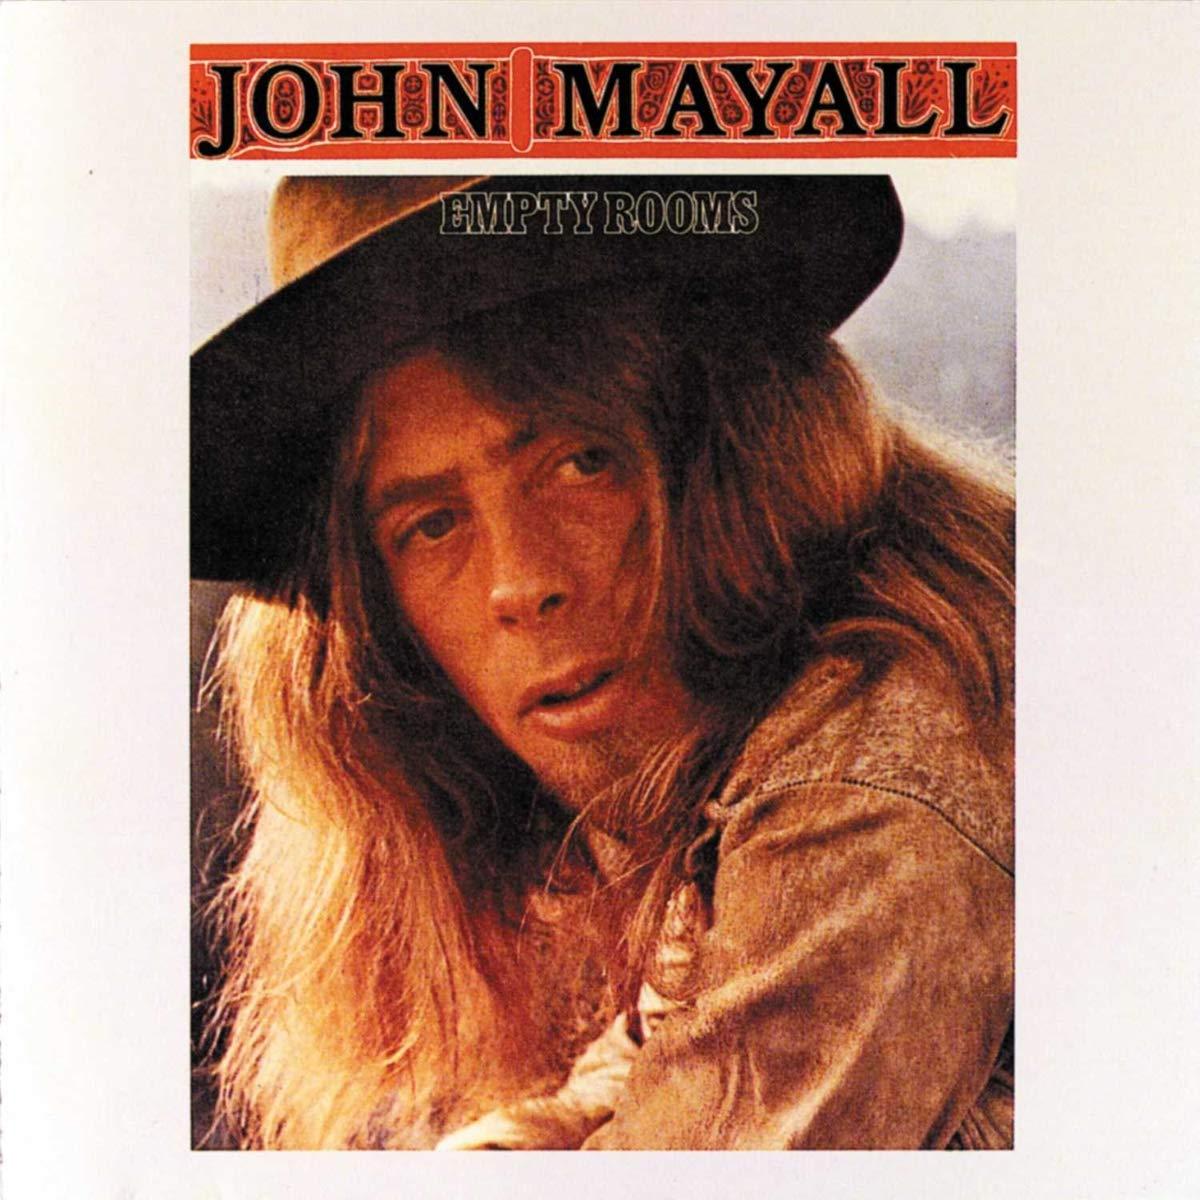 Empty Rooms: John Mayall, John Mayall: Amazon.fr: CD et Vinyles}